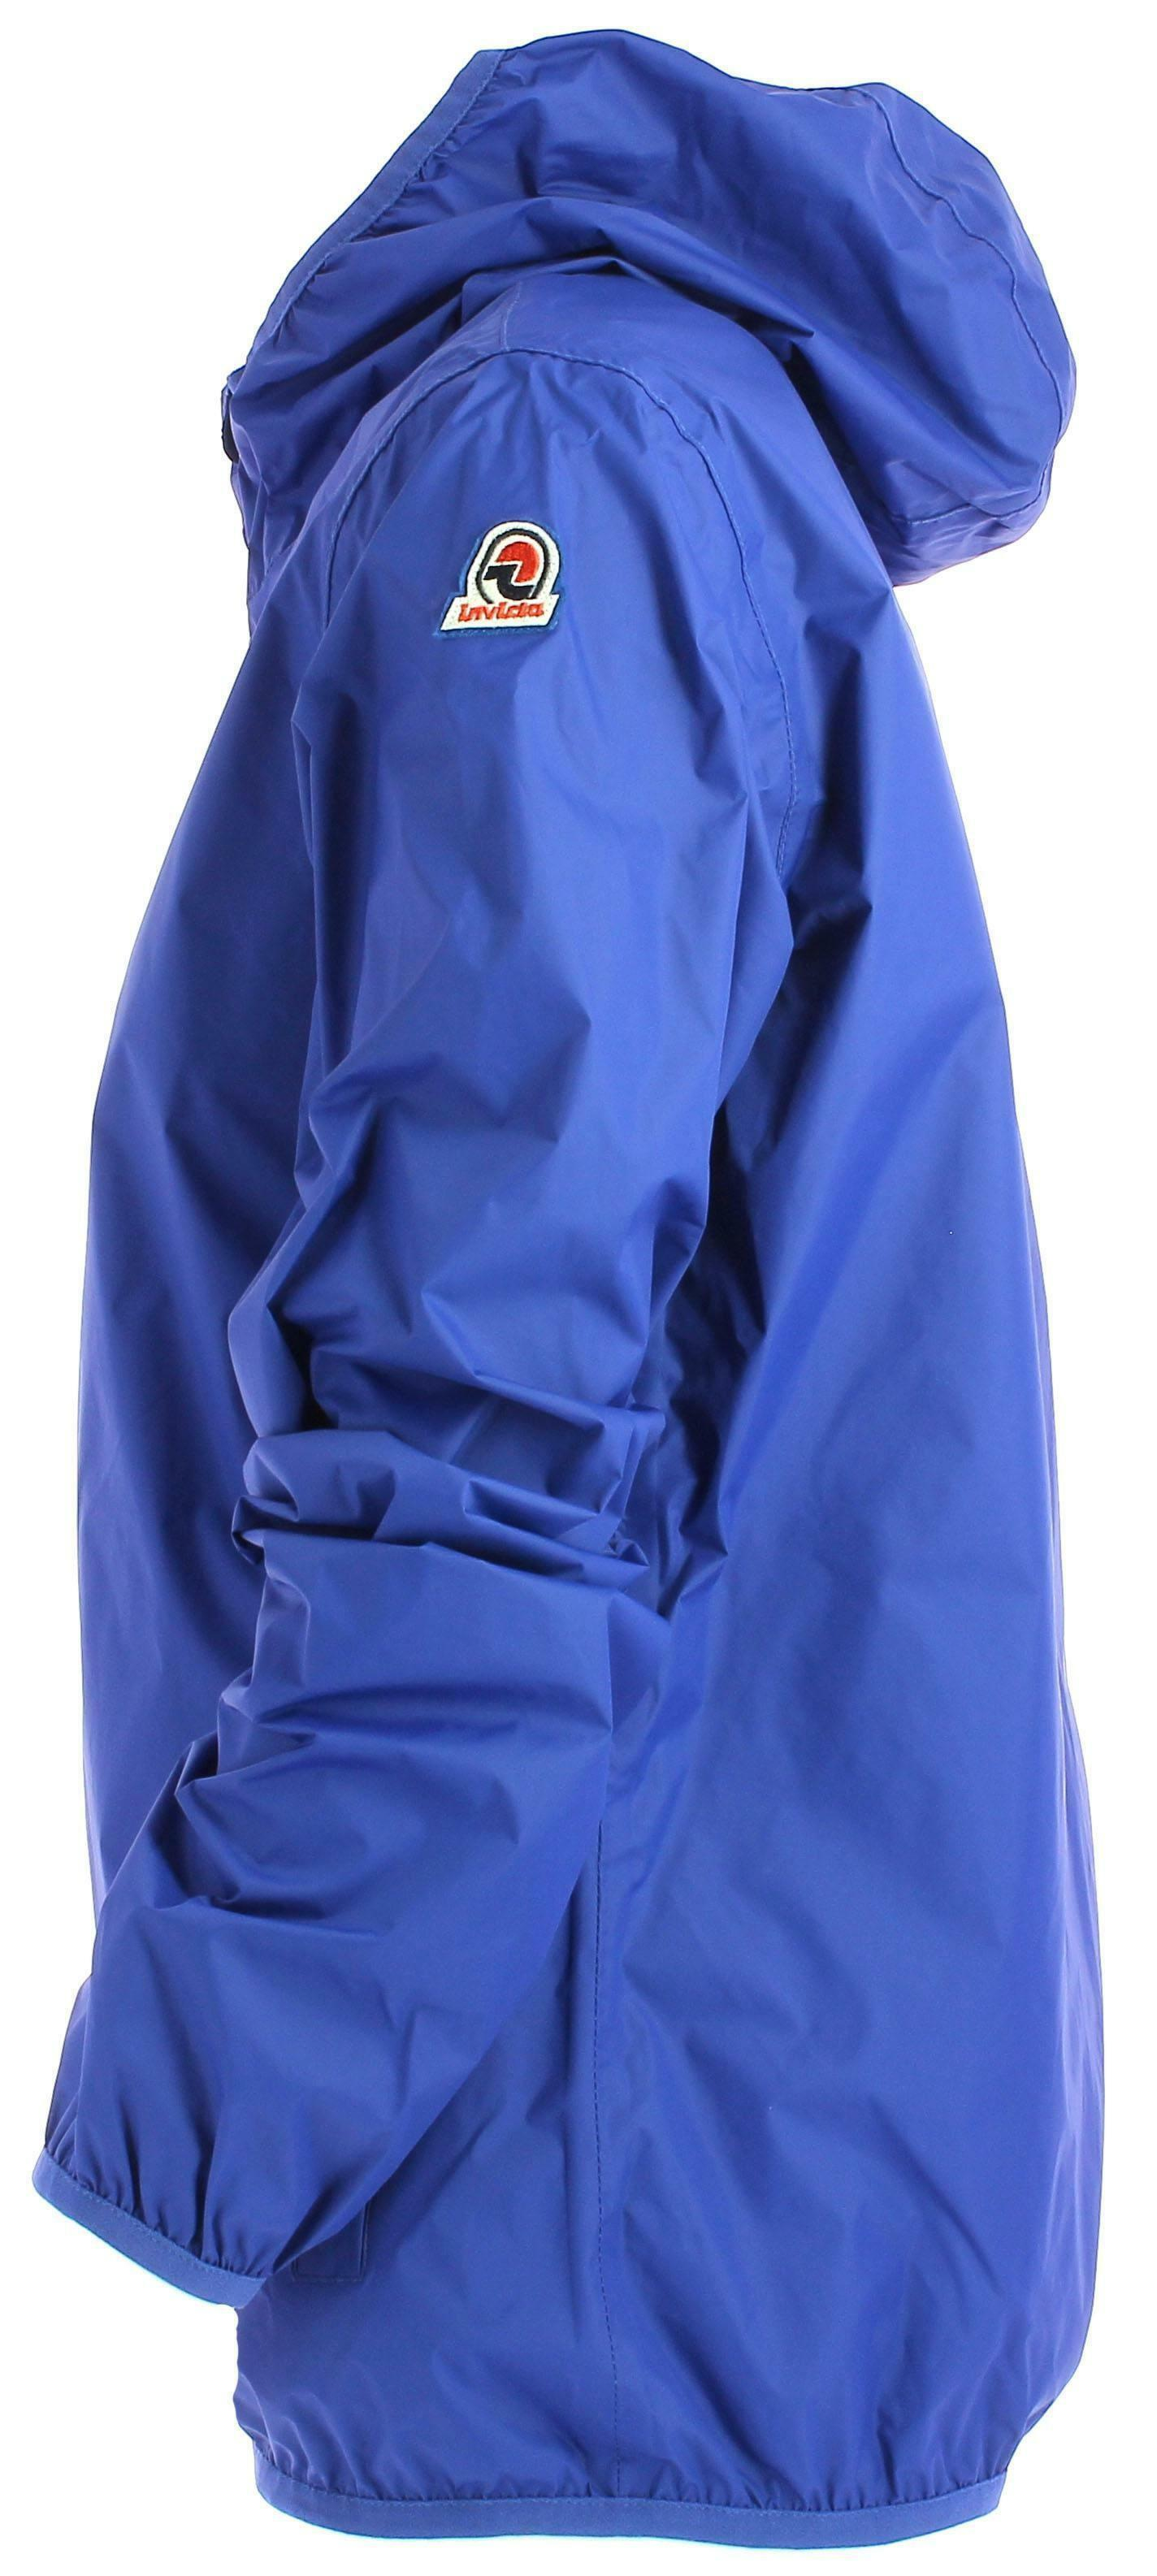 invicta giubbotto donna azzurro